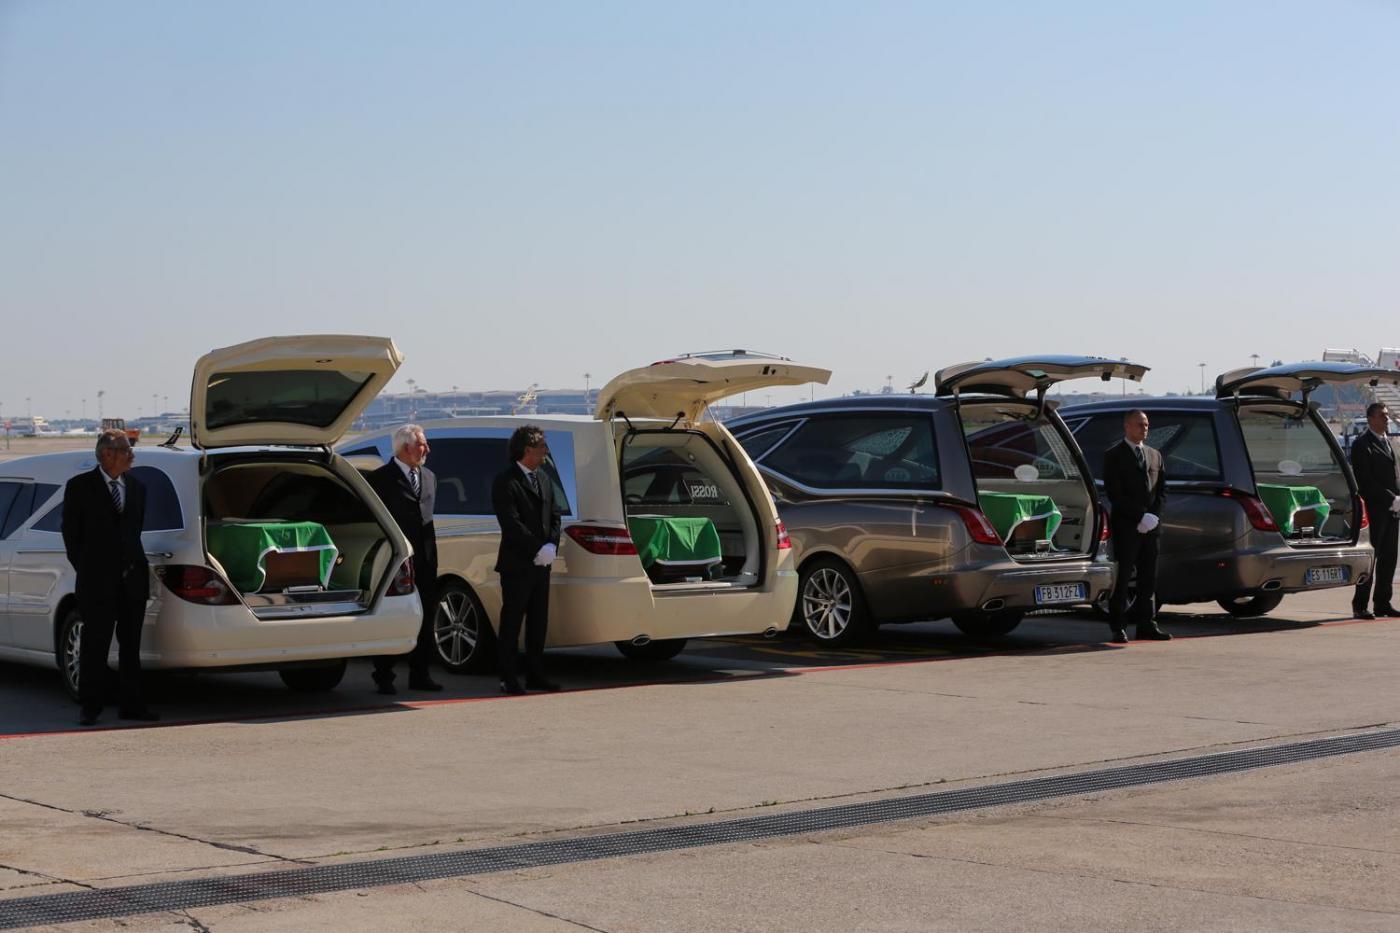 Rientro salme delle vittime dell'attentato a Nizza all'aeroporto di Malpensa